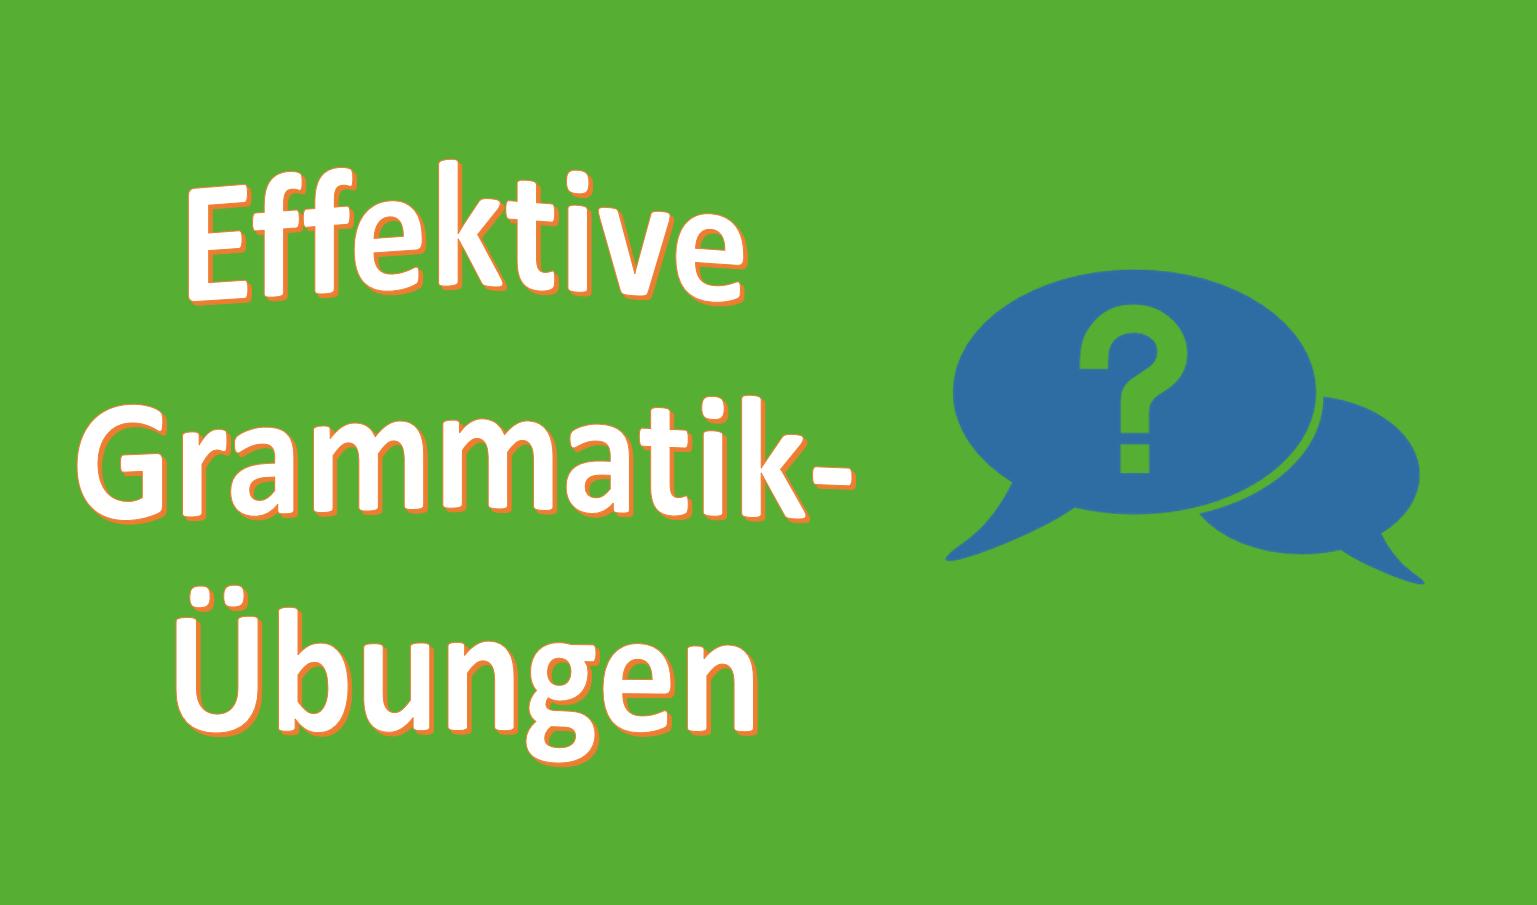 Beitragsbild_Grammar: Effektive Grammatik-Übungen